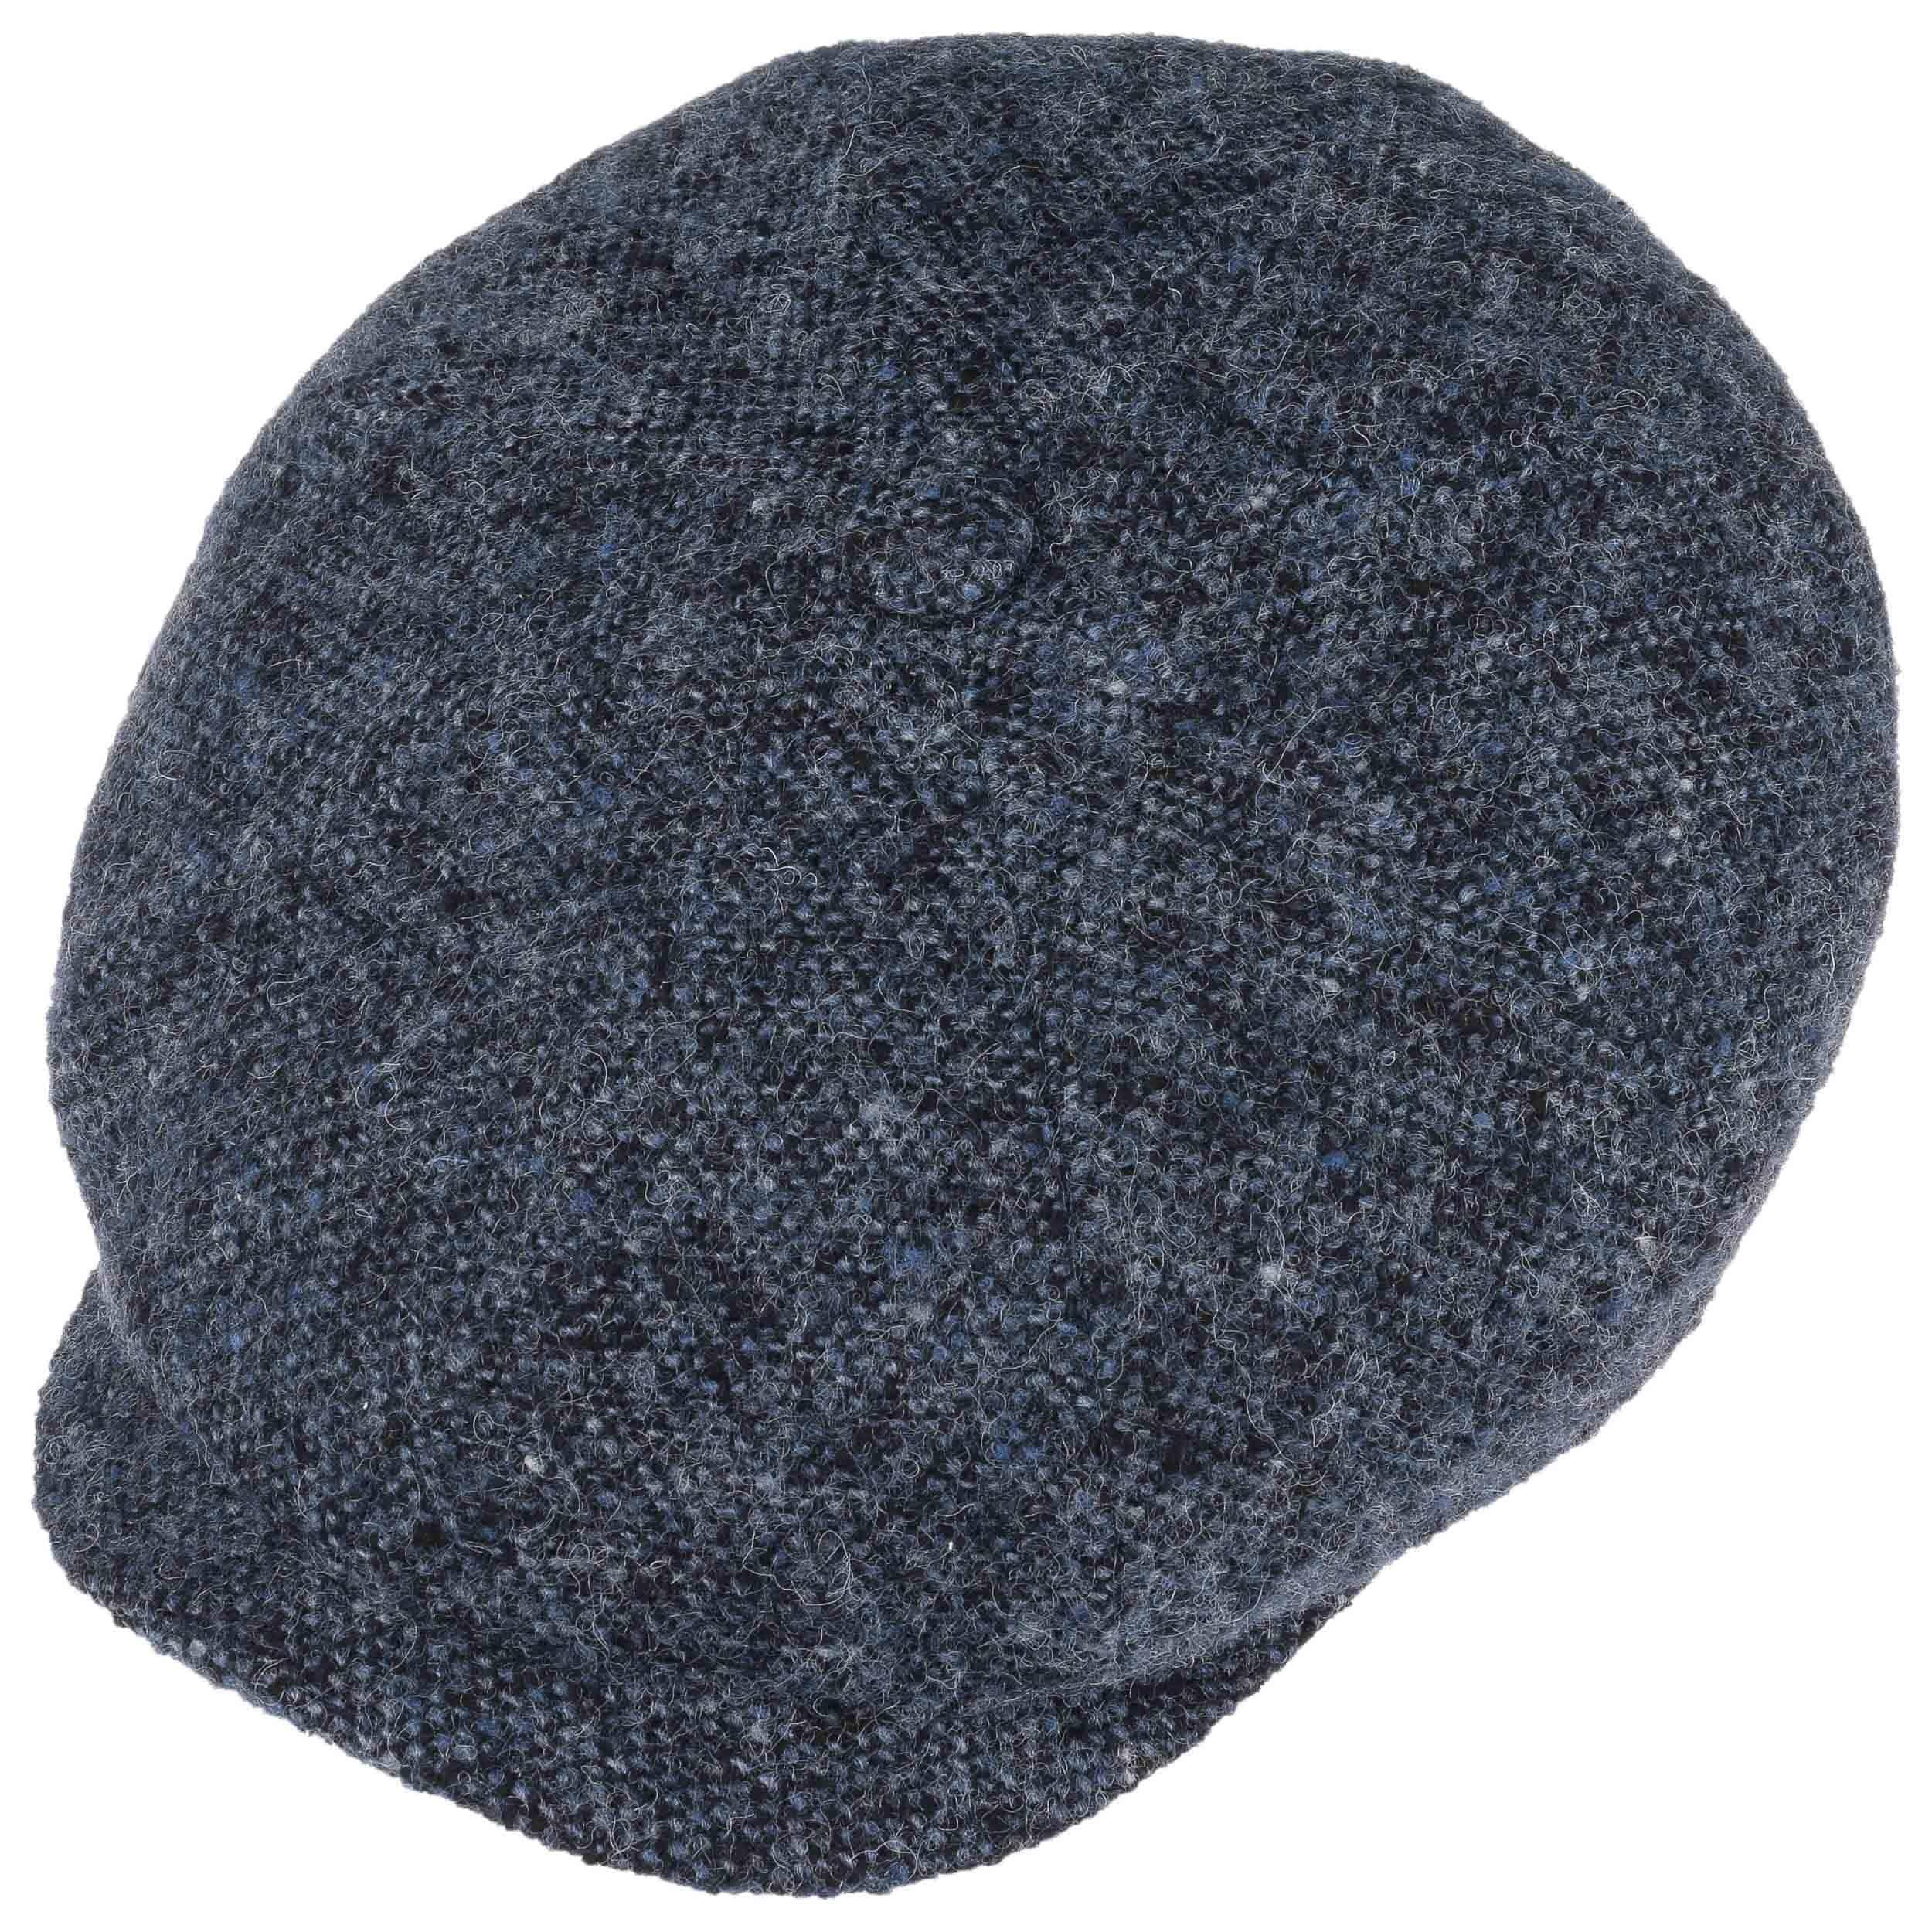 Hatteras Donegal Schirmmütze dunkelblau